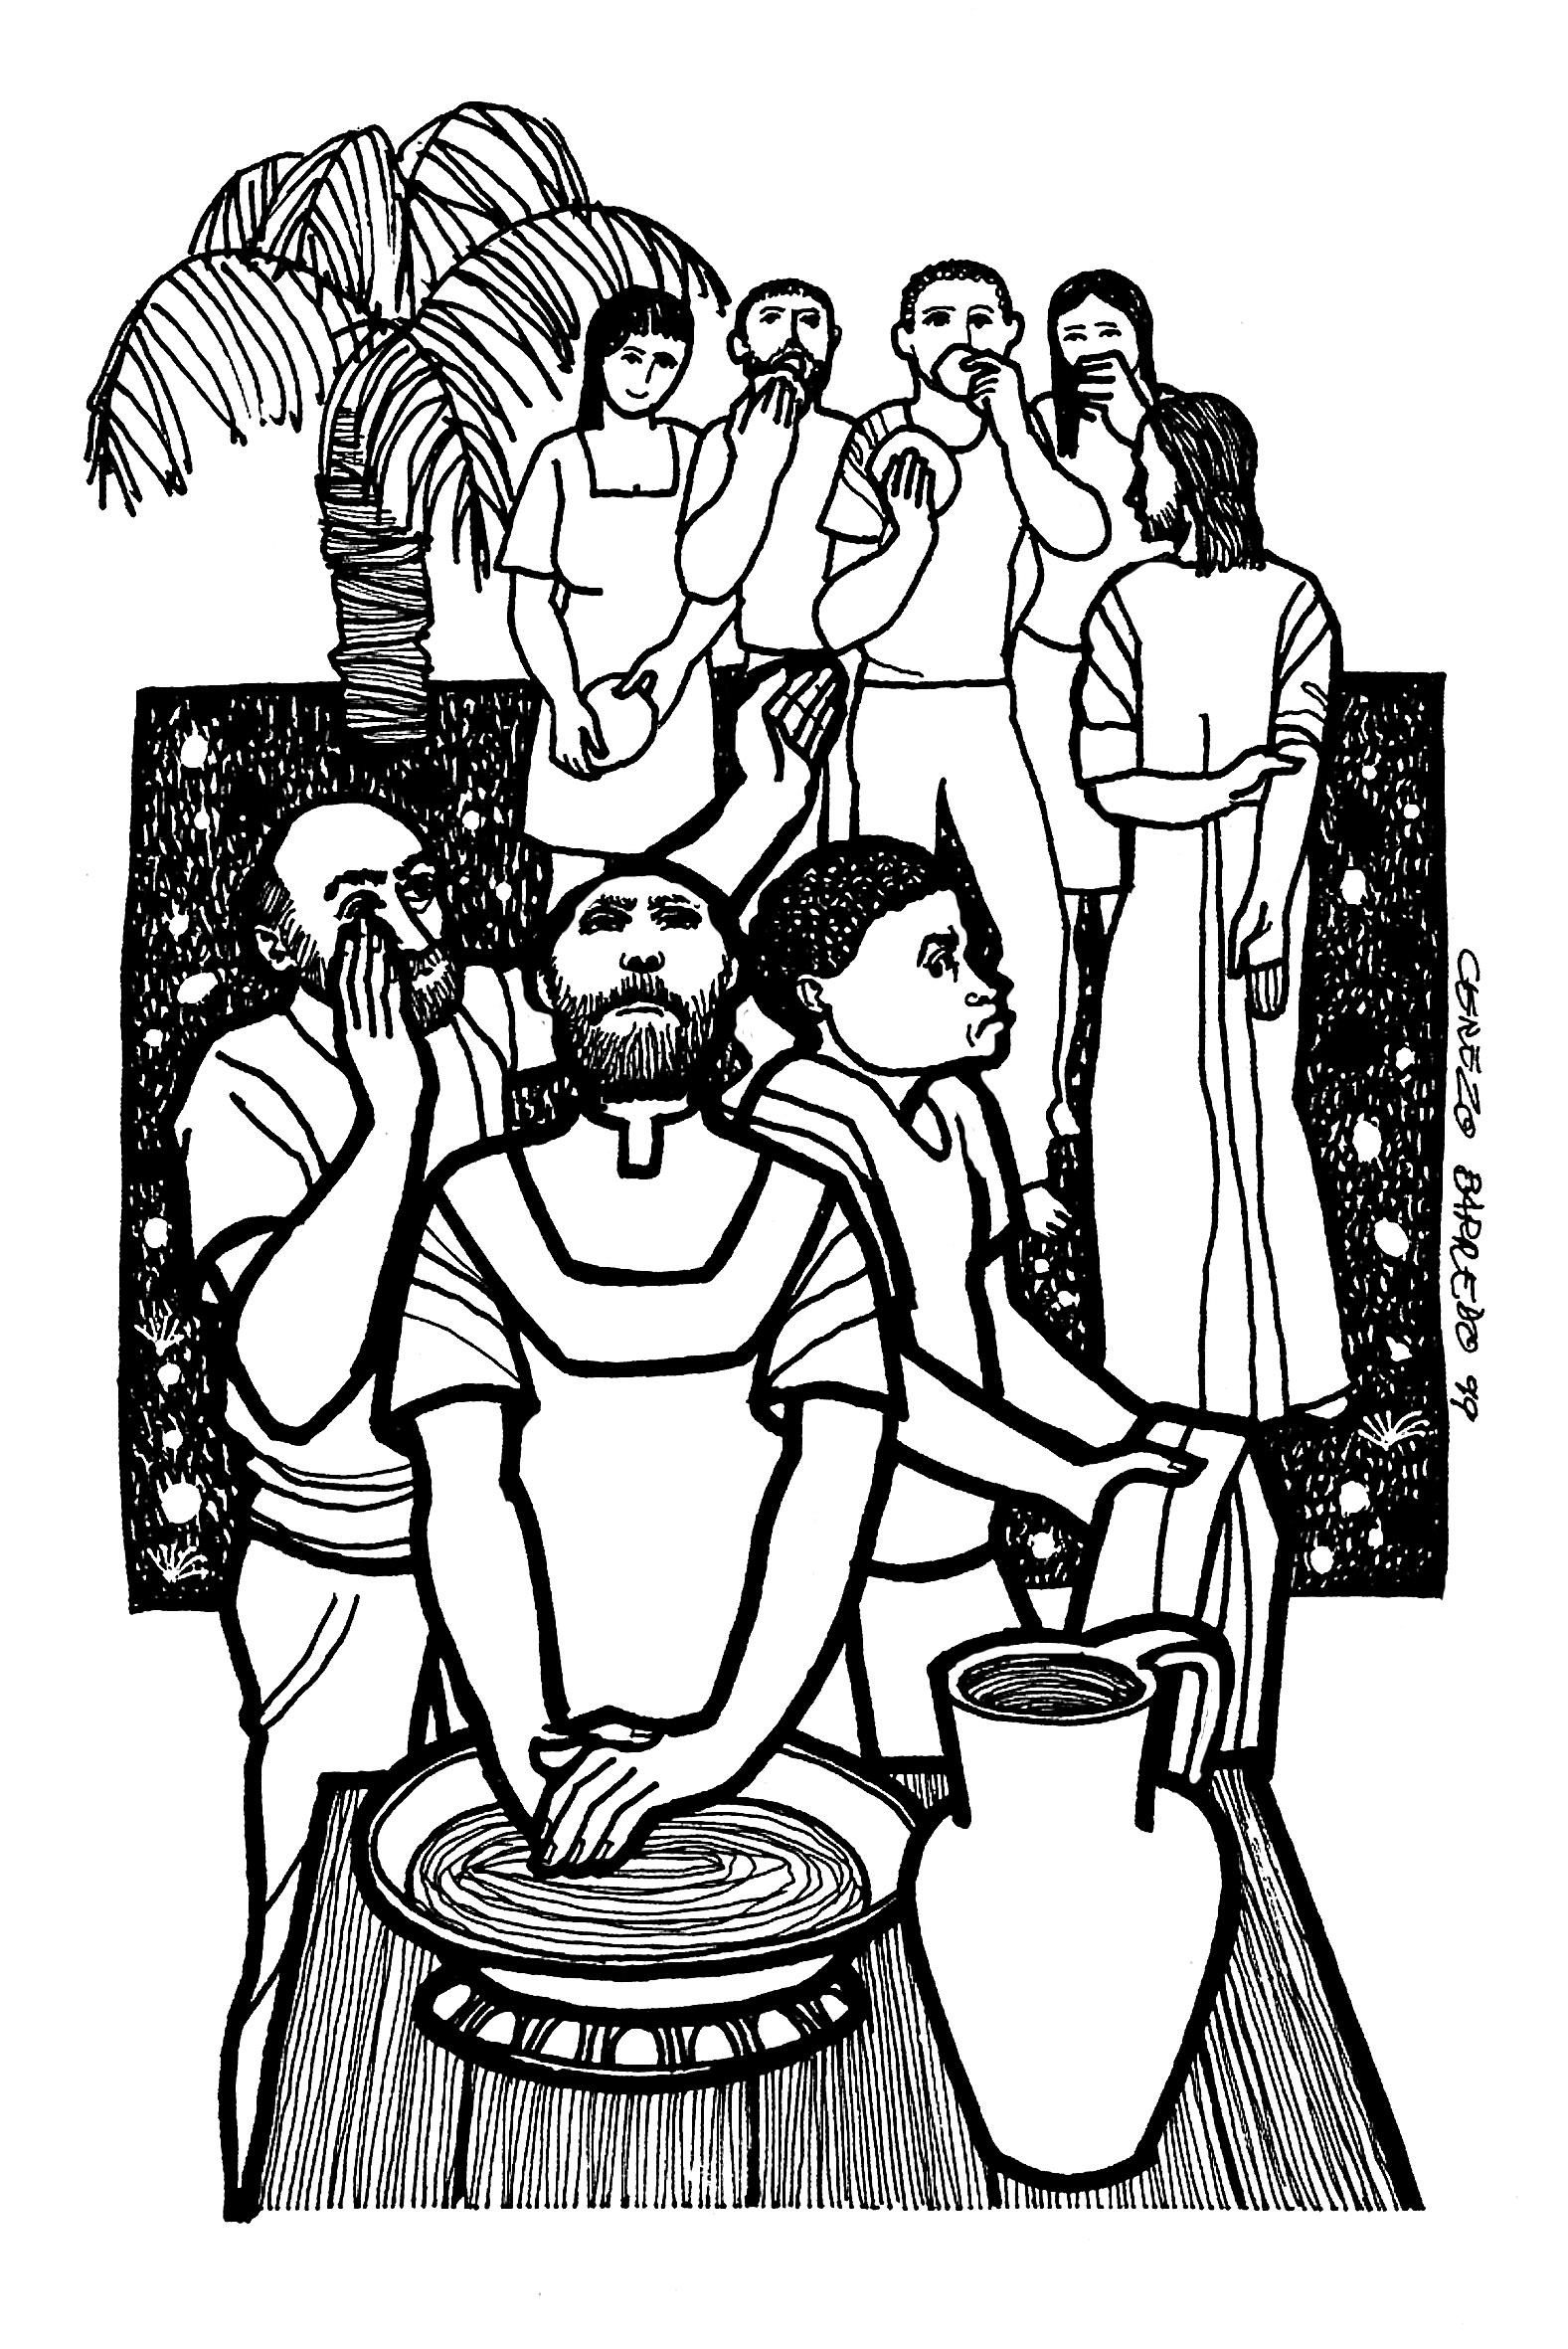 Evangelio del día - Lecturas del domingo, 2 de septiembre de 2018